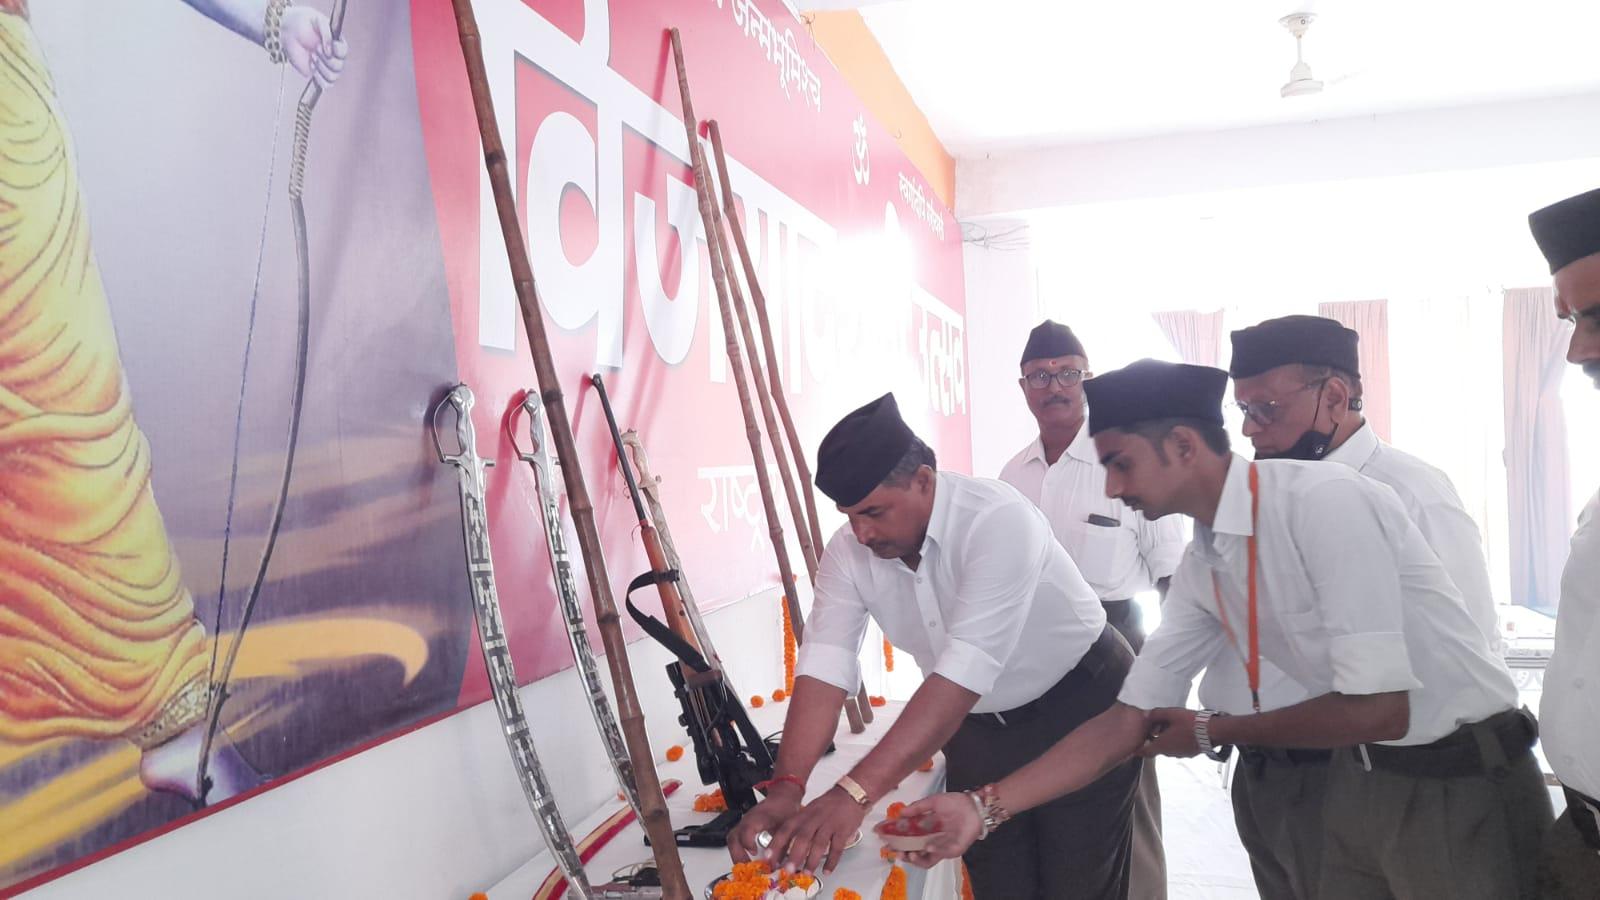 बस्ती : सरस्वती विद्या मंदिर रामबाग में मनाया गया विजयादशमी उत्सव